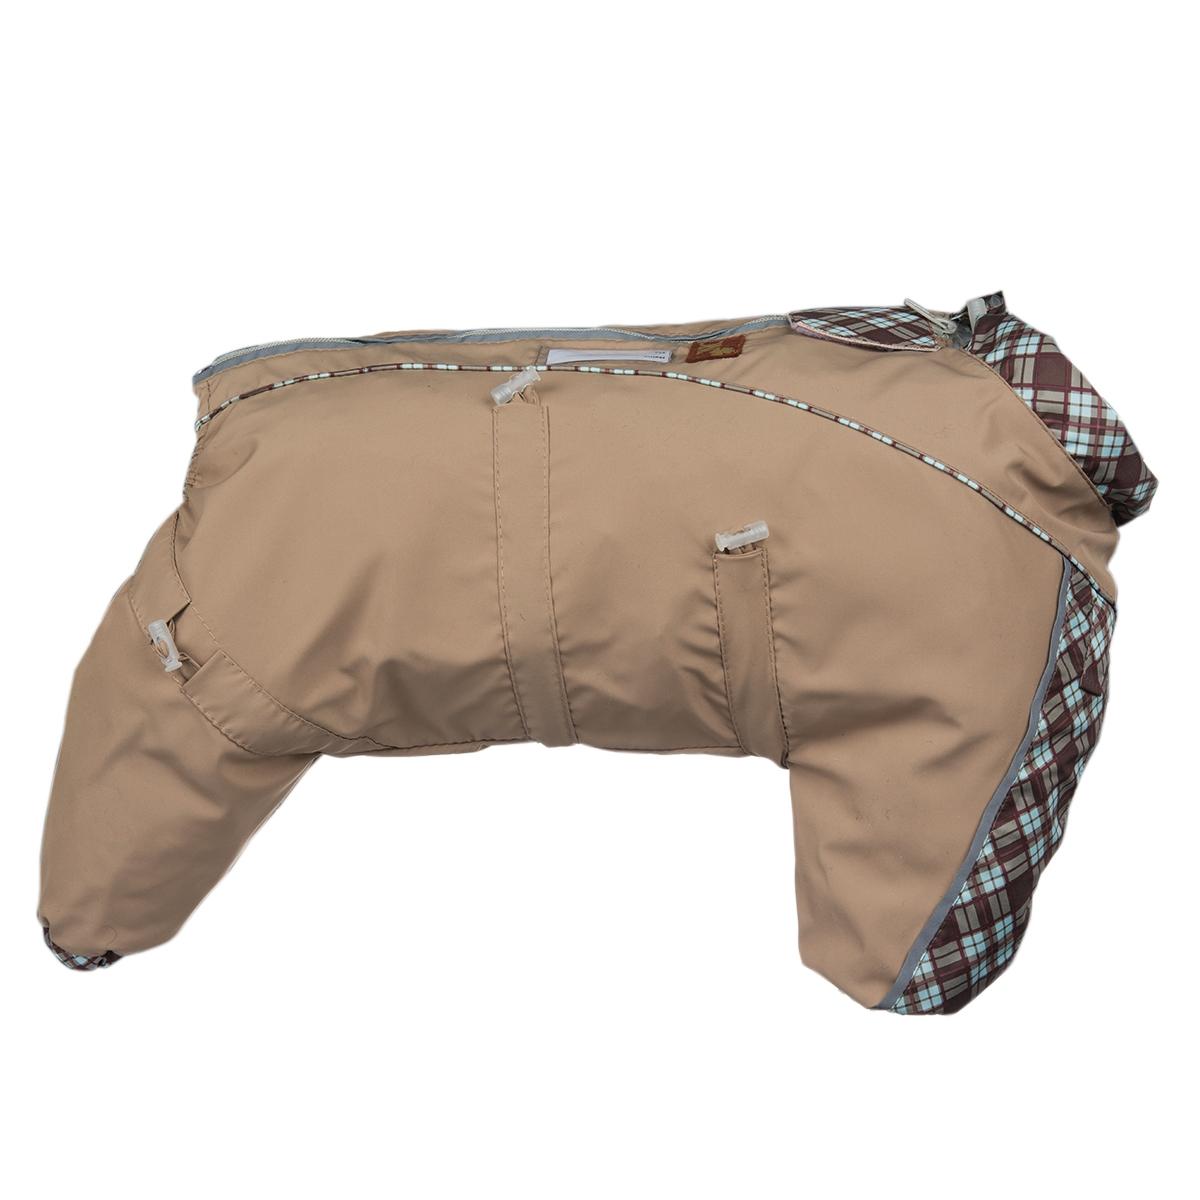 Комбинезон для собак Dogmoda Doggs, для девочки, цвет: бежевый. Размер XXХLDM-140555_бежевыйКомбинезон для собак Dogmoda Doggs отлично подойдет для прогулок в прохладную погоду. Комбинезон изготовлен из полиэстера, защищающего от ветра и осадков, а на подкладке используется вискоза, которая обеспечивает отличный воздухообмен. Комбинезон застегивается на молнию и липучку, благодаря чему его легко надевать и снимать. Молния снабжена светоотражающими элементами. Низ рукавов и брючин оснащен внутренними резинками, которые мягко обхватывают лапки, не позволяя просачиваться холодному воздуху. На вороте, пояснице и лапках комбинезон затягивается на шнурок-кулиску с затяжкой. Благодаря такому комбинезону простуда не грозит вашему питомцу. Длина по спинке: 70 см. Объем груди: 108 см. Обхват шеи: 77 см.